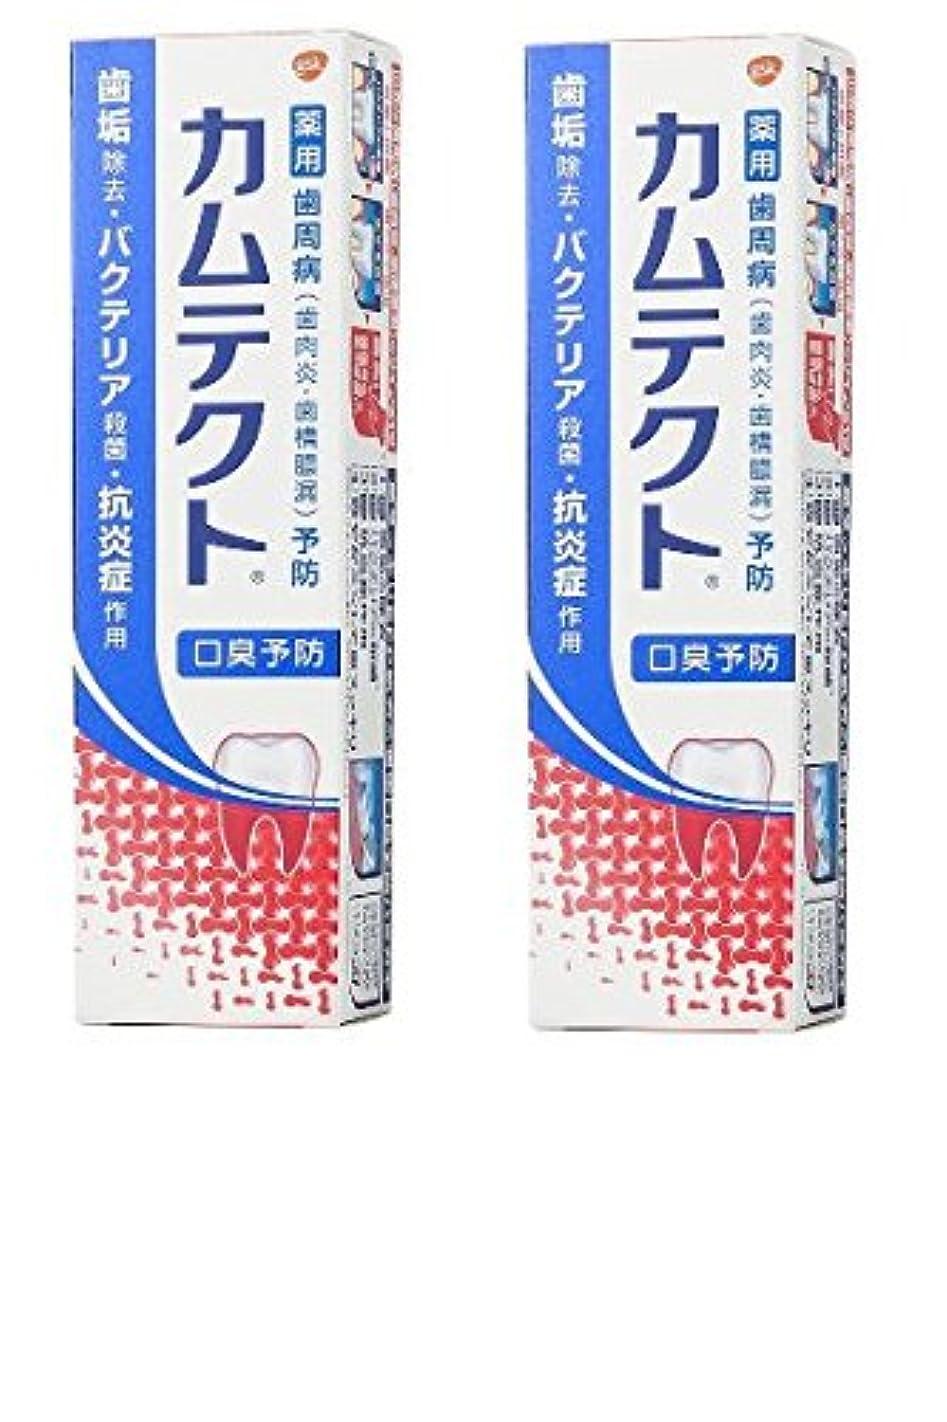 検出雷雨嵐【まとめ買い】カムテクト 口臭予防 歯周病(歯肉炎?歯槽膿漏) 予防 歯みがき粉 105g × 2個